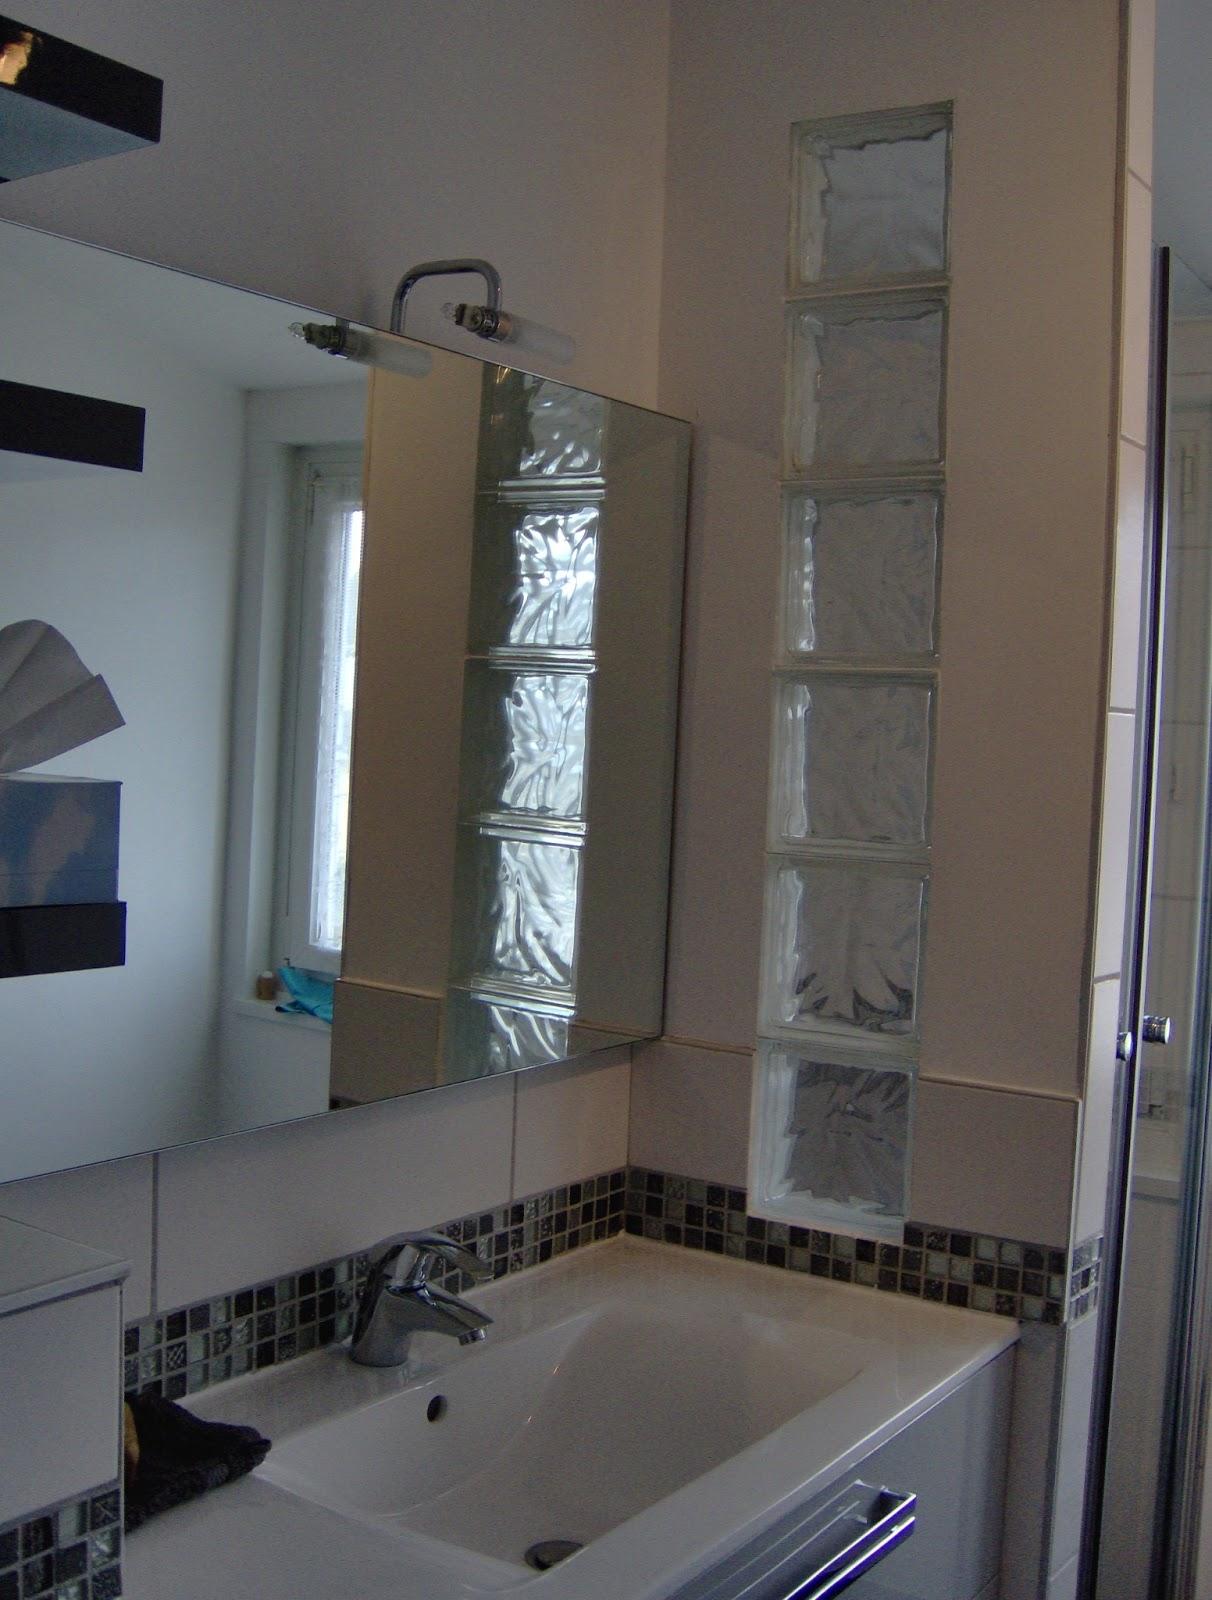 Frise Salle De Bain Mosaique : Frise Salle De Bain Mosaique : Salle De Bain Frise Rouge Faience Salle …